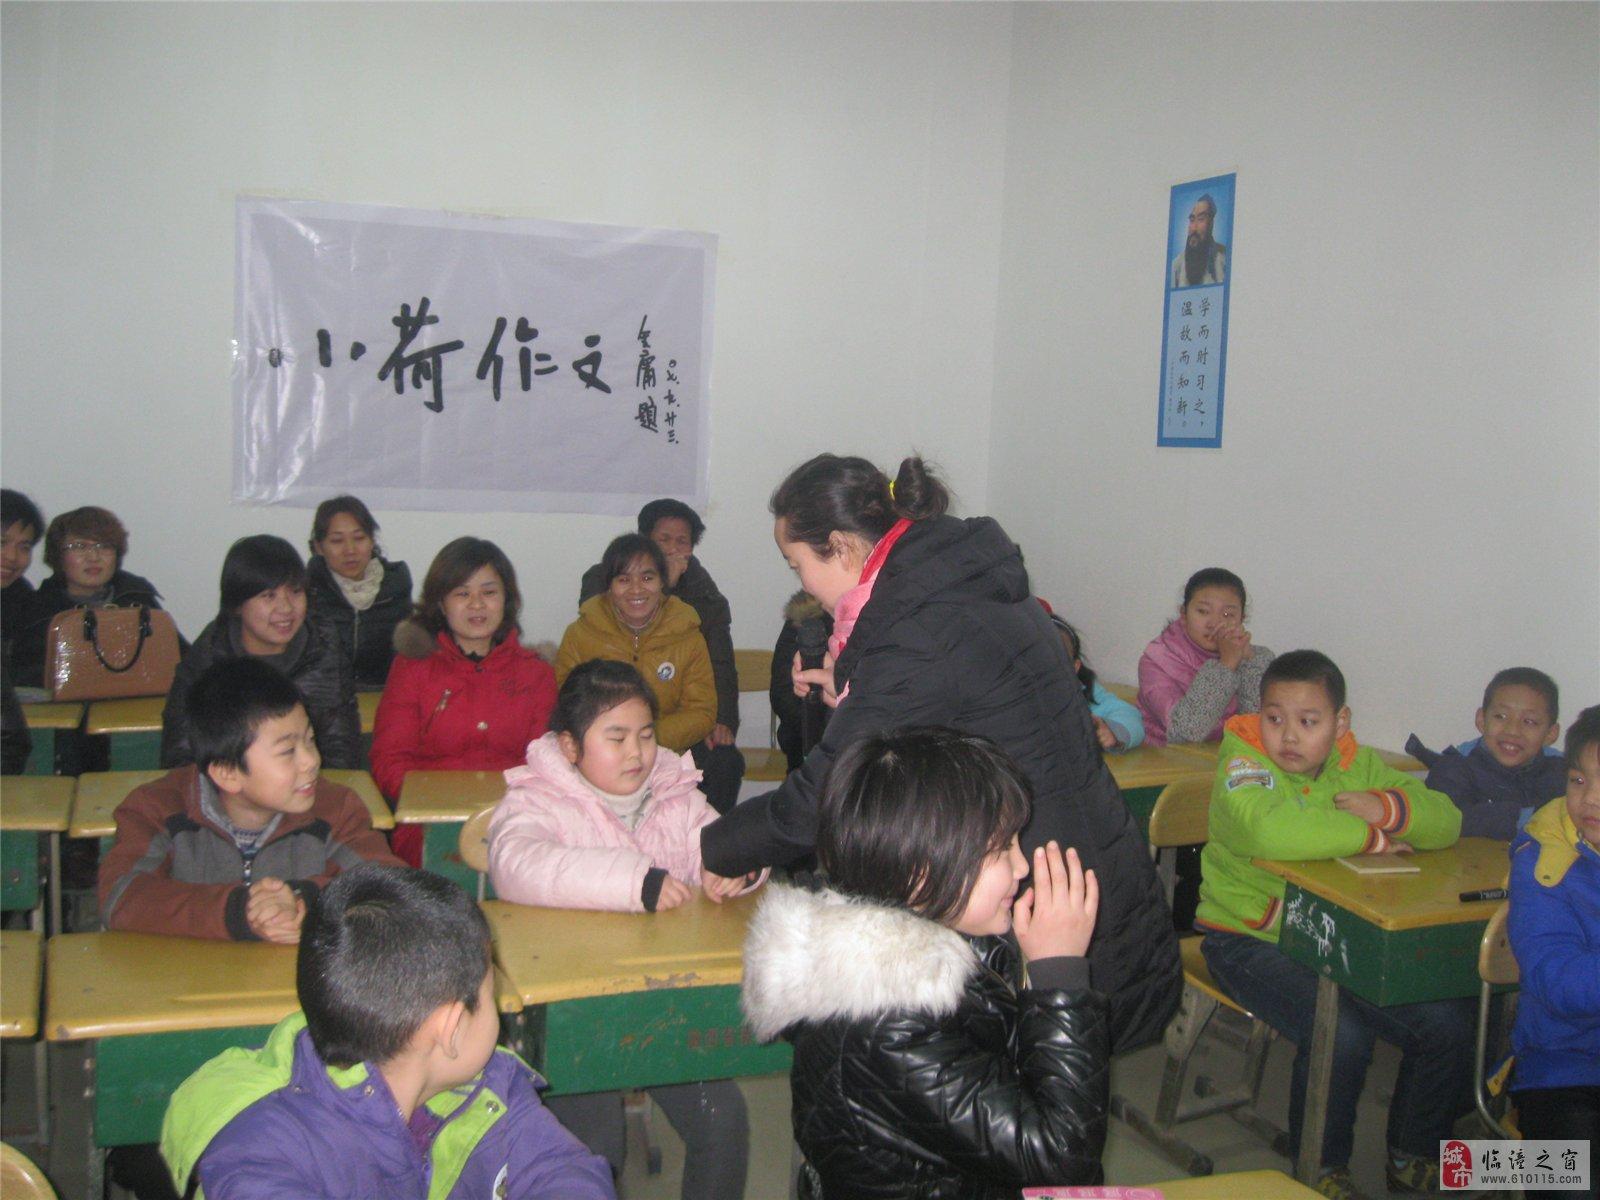 招聘中国舞,珠心算教师